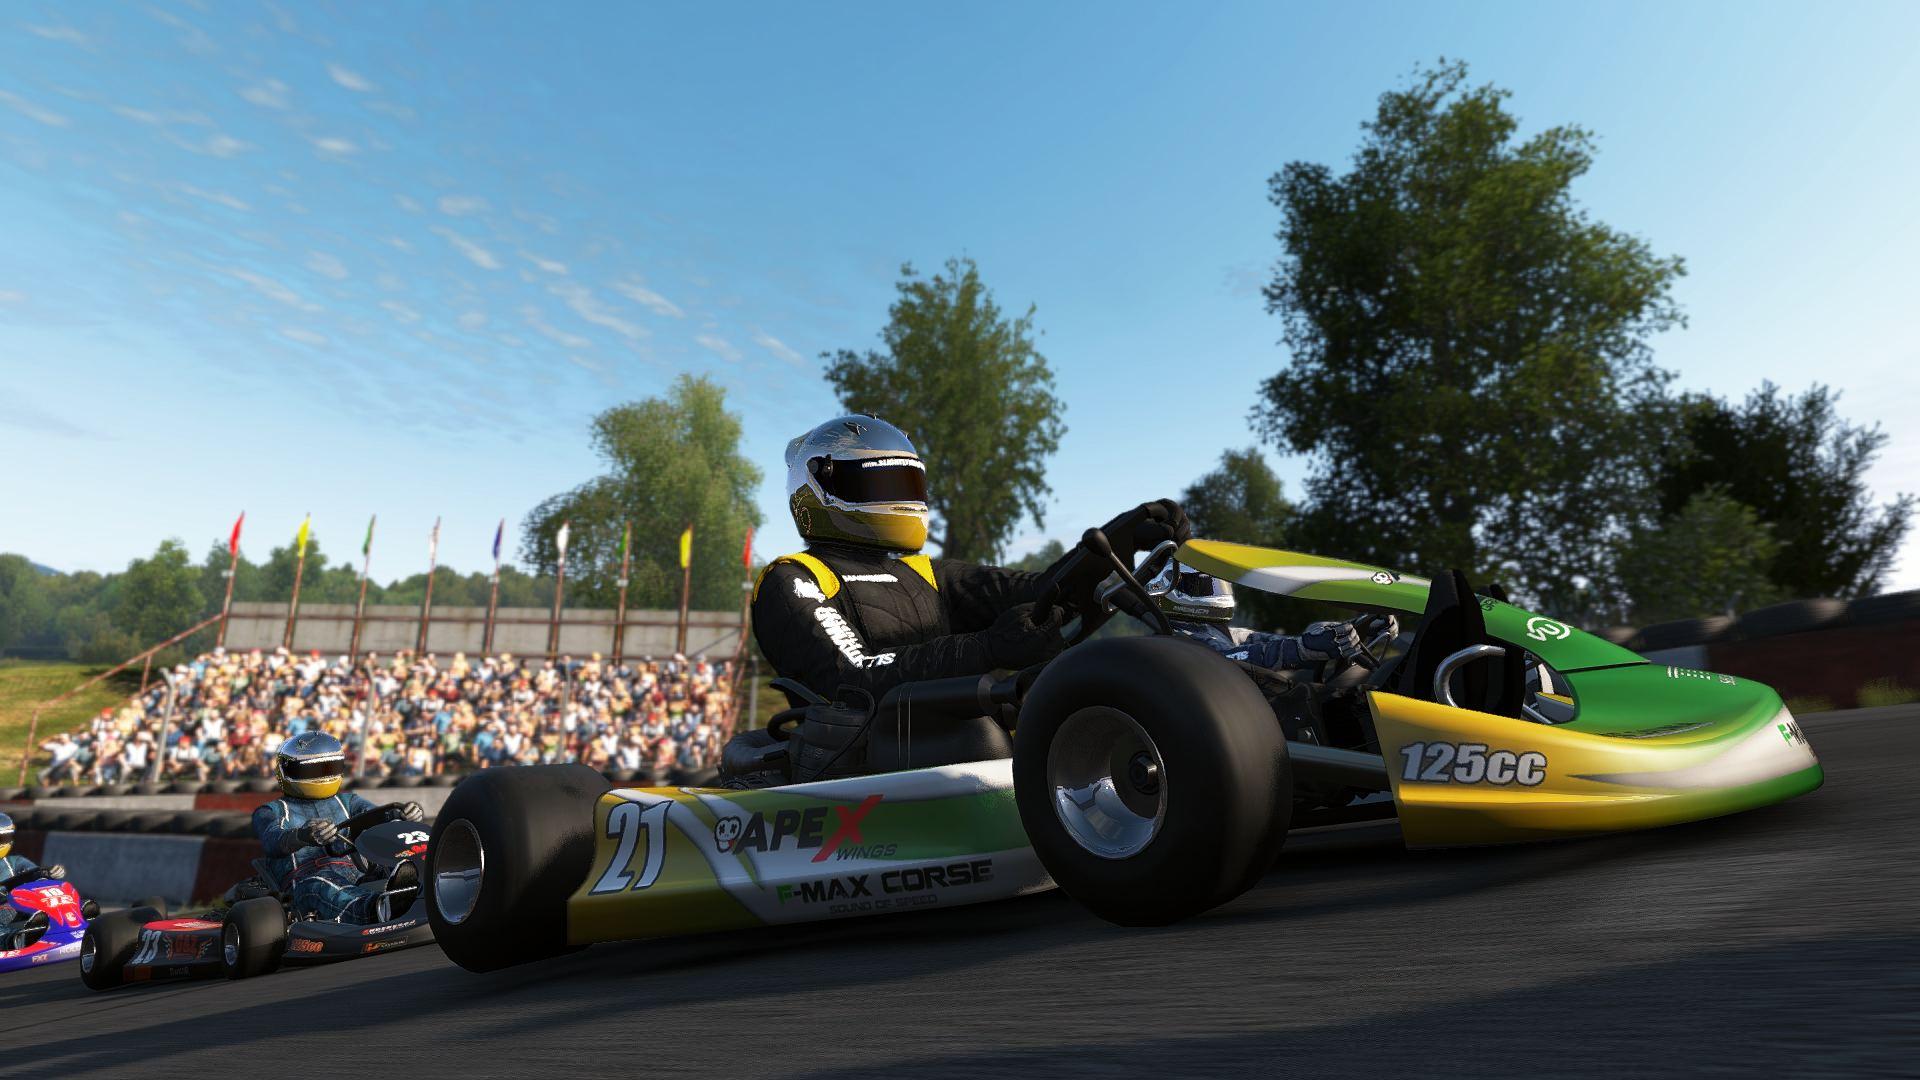 Obrazem: Motokárové závody v Project Cars 102125